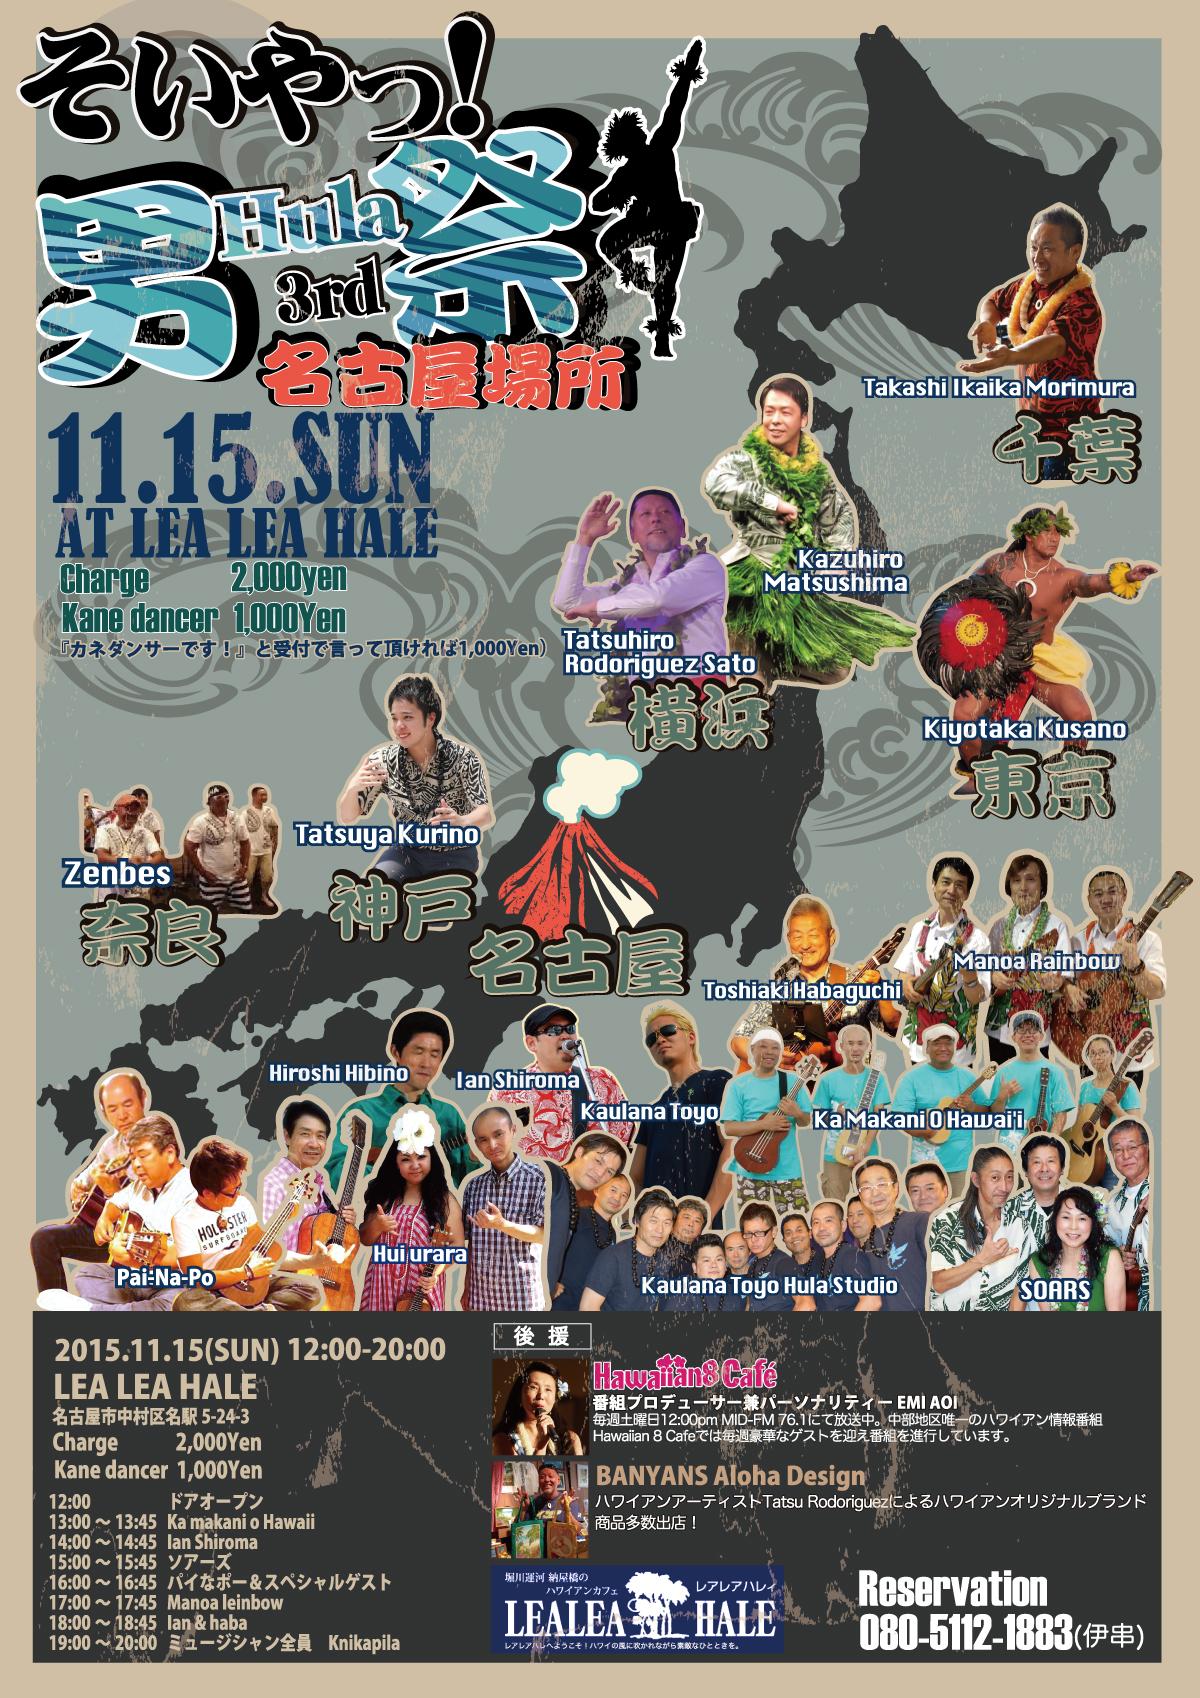 名古屋市東区のホームページ制作 パンフレット制作 ポスター制作会社のOaK 制作実績 そいや!男Hula祭 3rd